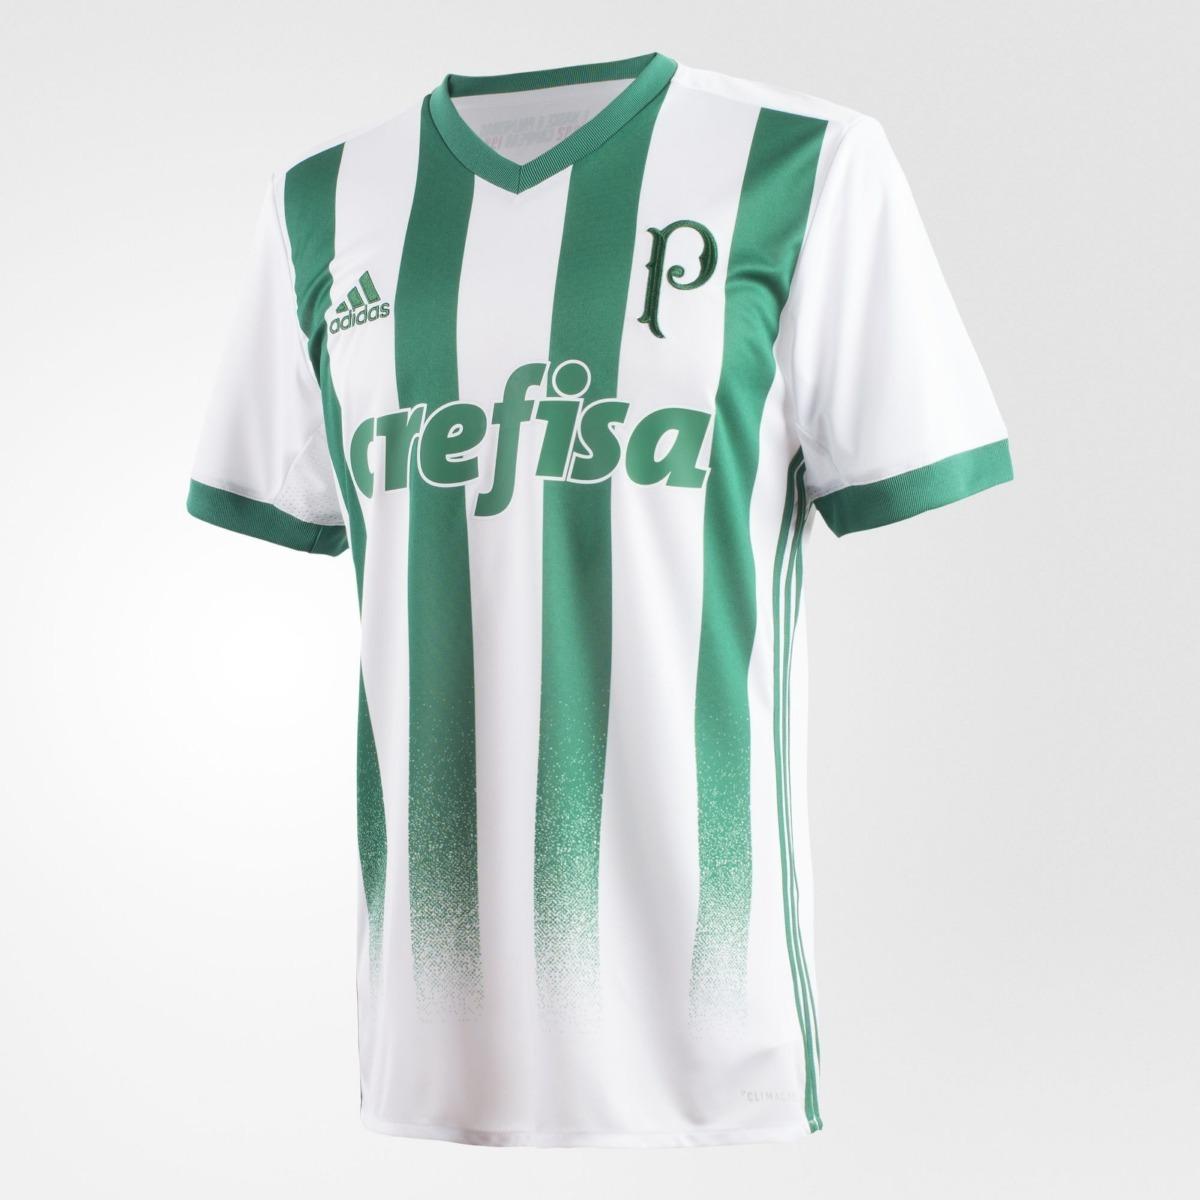 e95ca3bfddfbd camiseta blusa palmeiras futebol adulto adidas oficial. Carregando zoom.